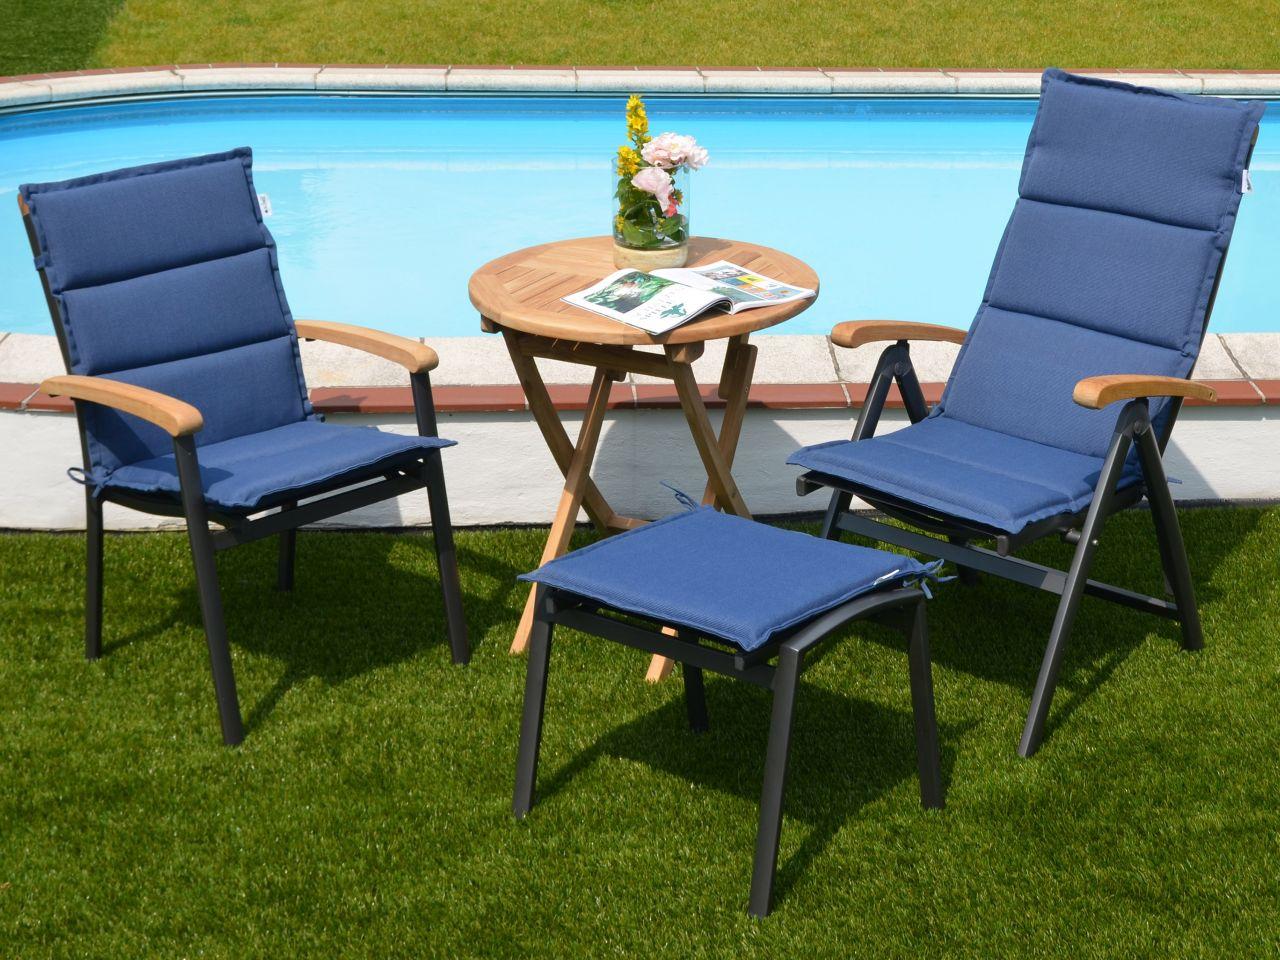 Auflagen Malibu für Gartenmöbel mit Outdoorgewebe-Bespannung